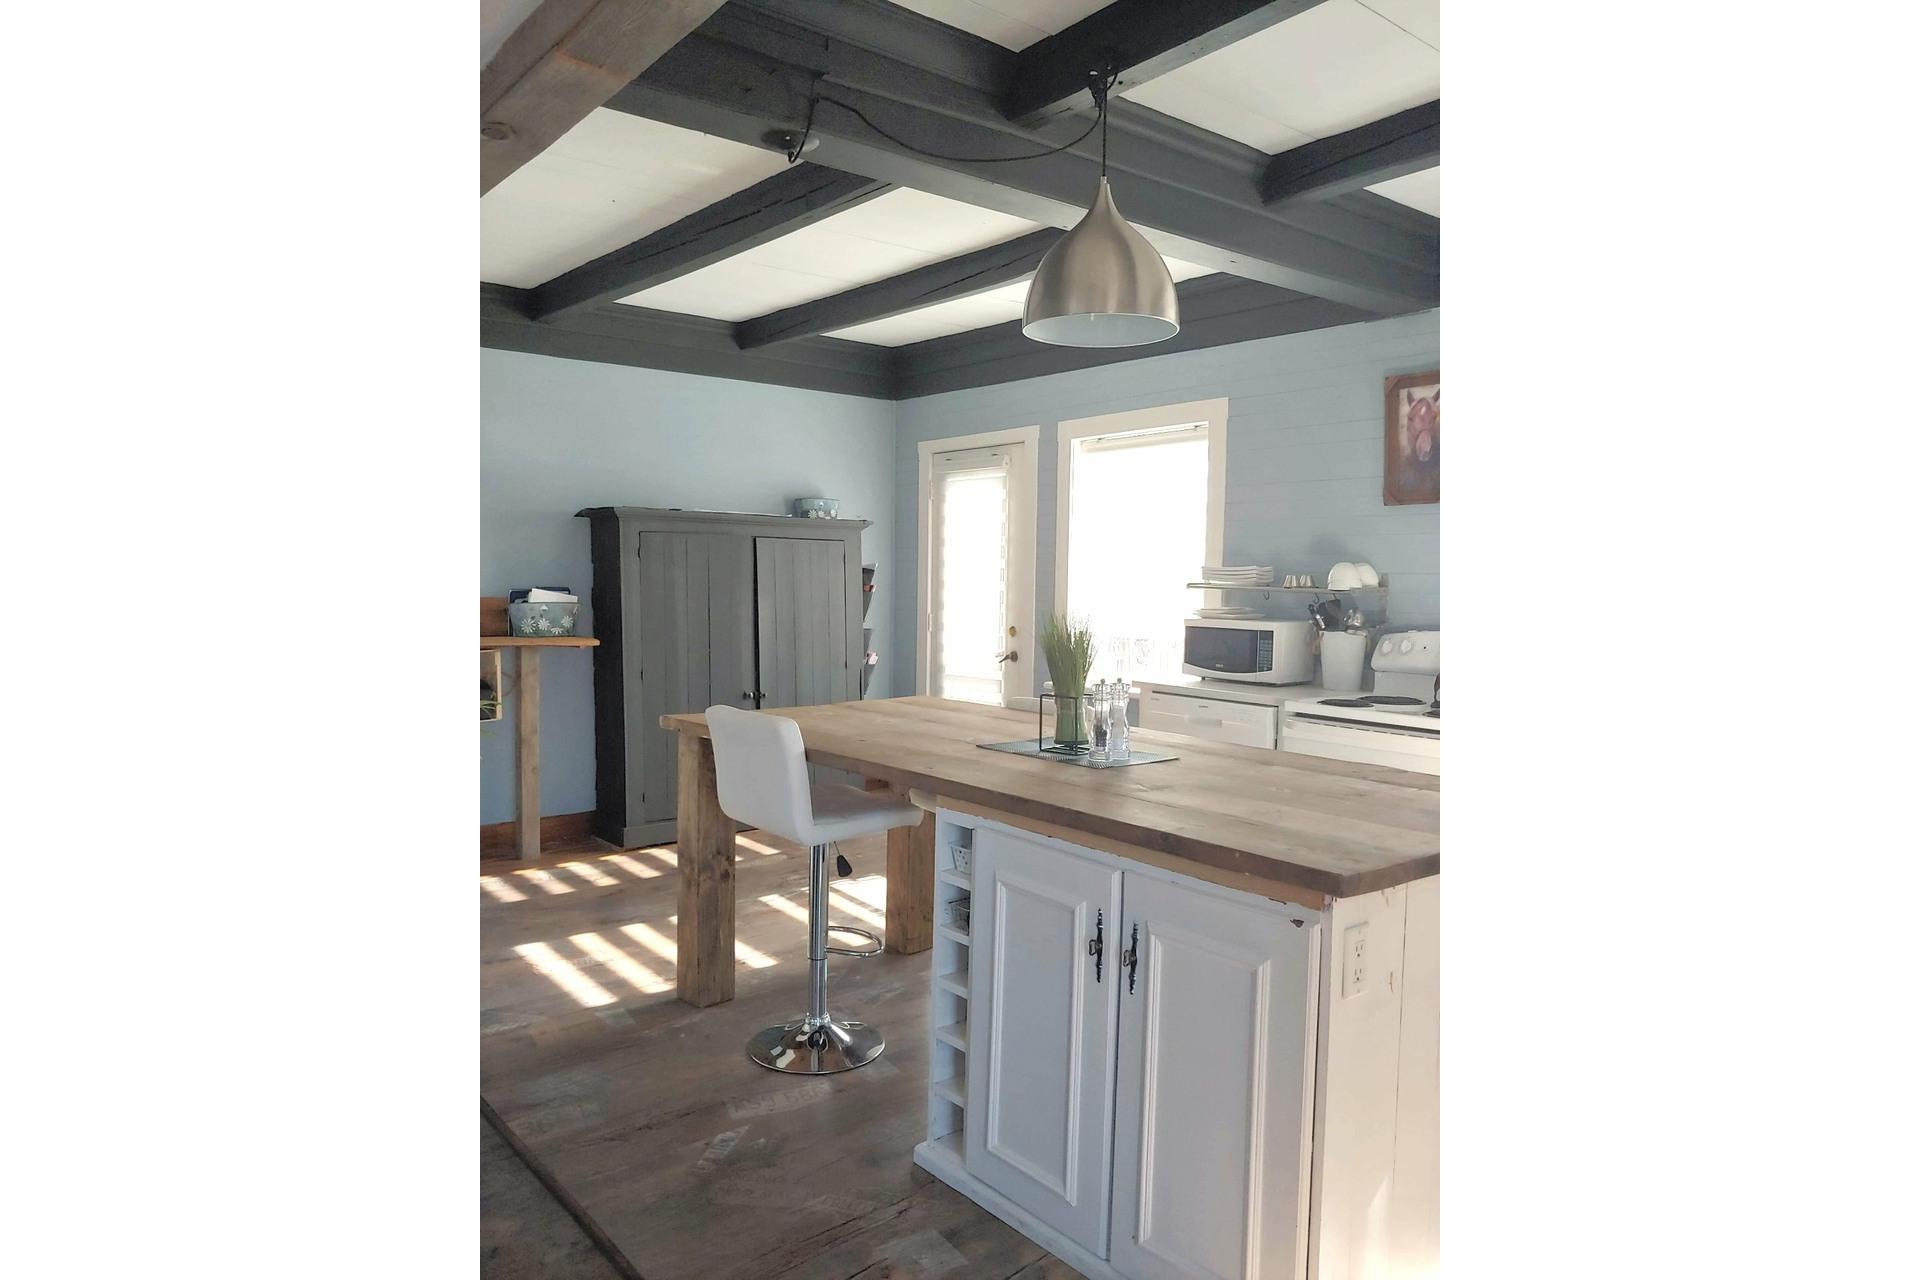 image 4 - Farmhouse For sale Notre-Dame-du-Bon-Conseil - Paroisse - 5 rooms